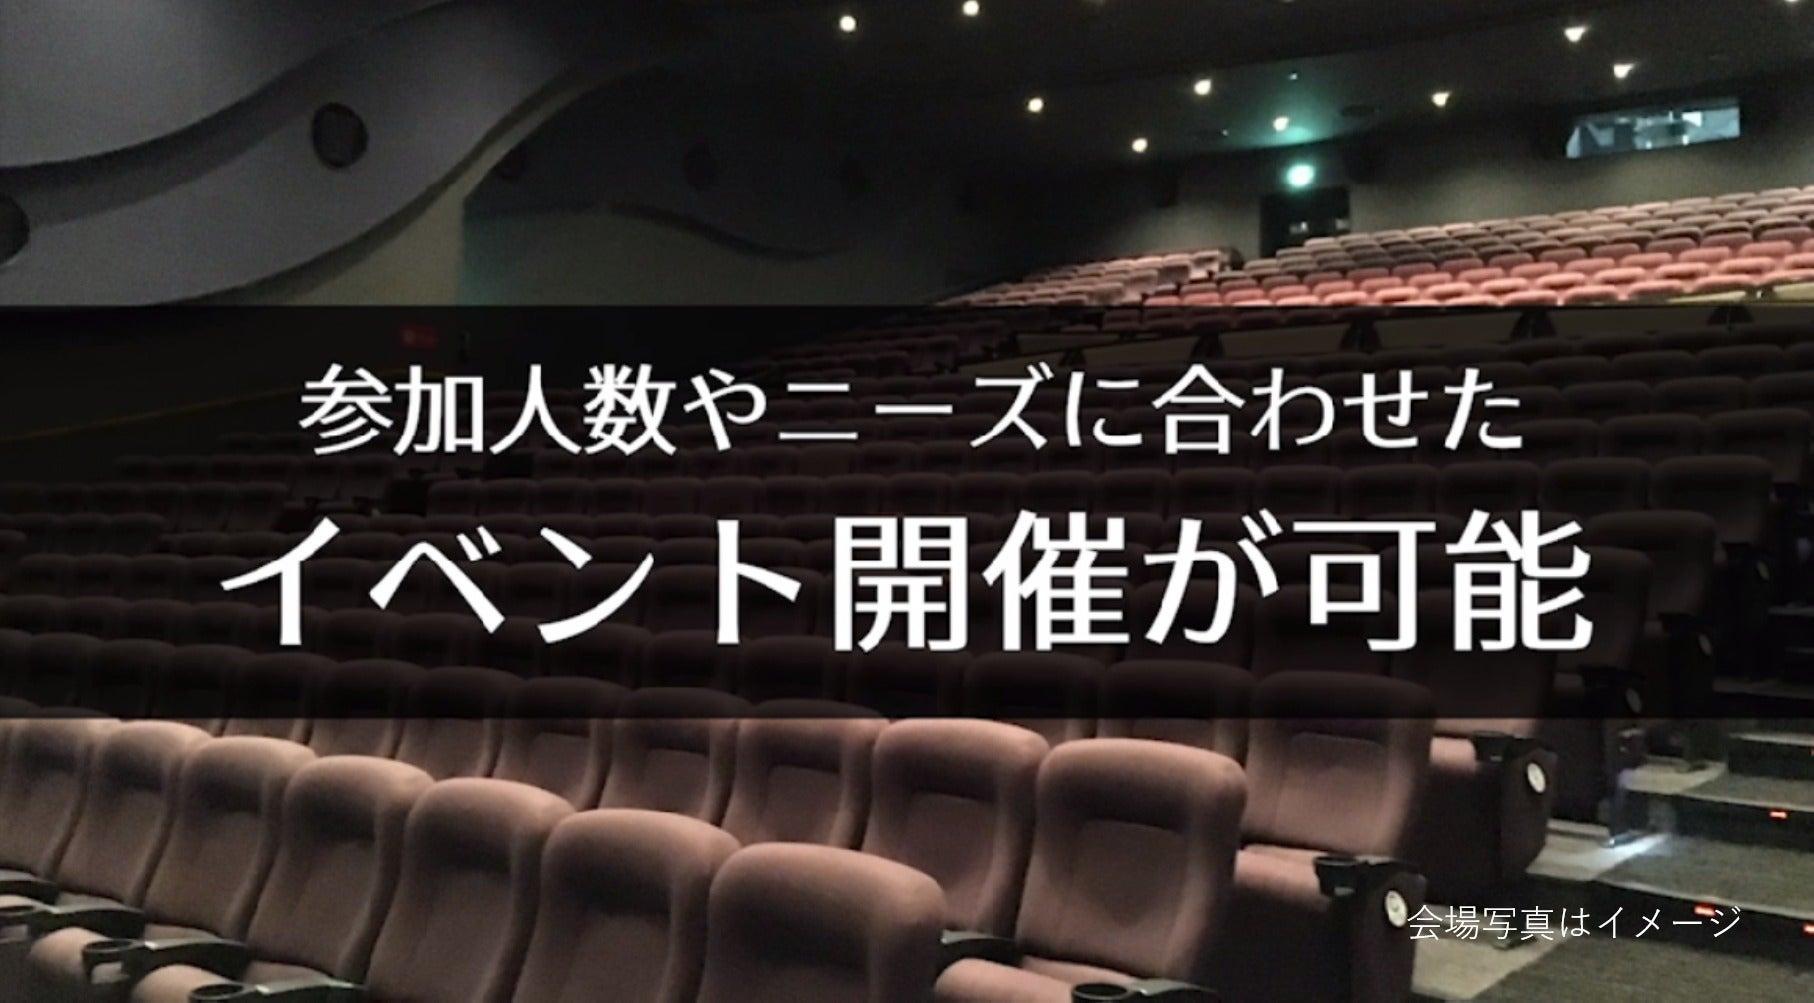 【幸手 286席】映画館で、会社説明会、株主総会、講演会の企画はいかがですか?(シネプレックス幸手) の写真0